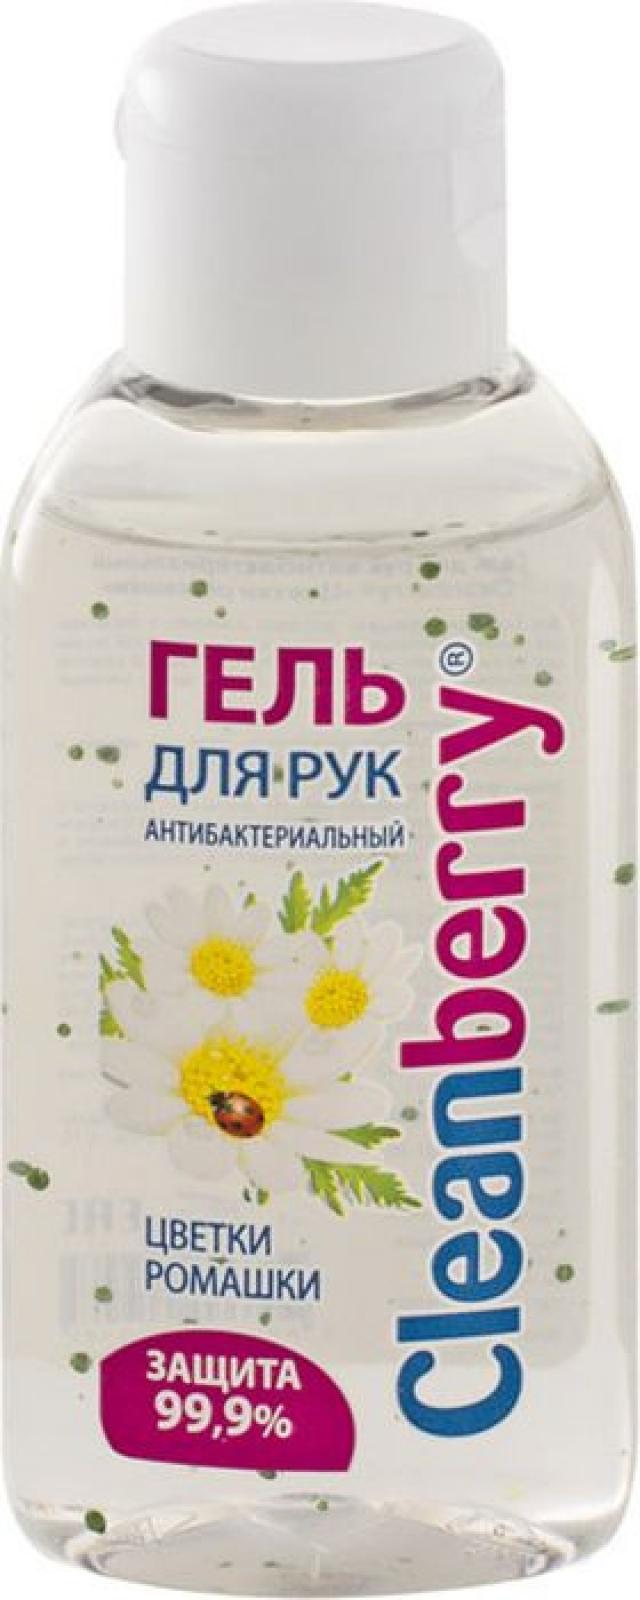 Клинберри гель антибактериальный ромашка 60мл купить в Москве по цене от 133 рублей